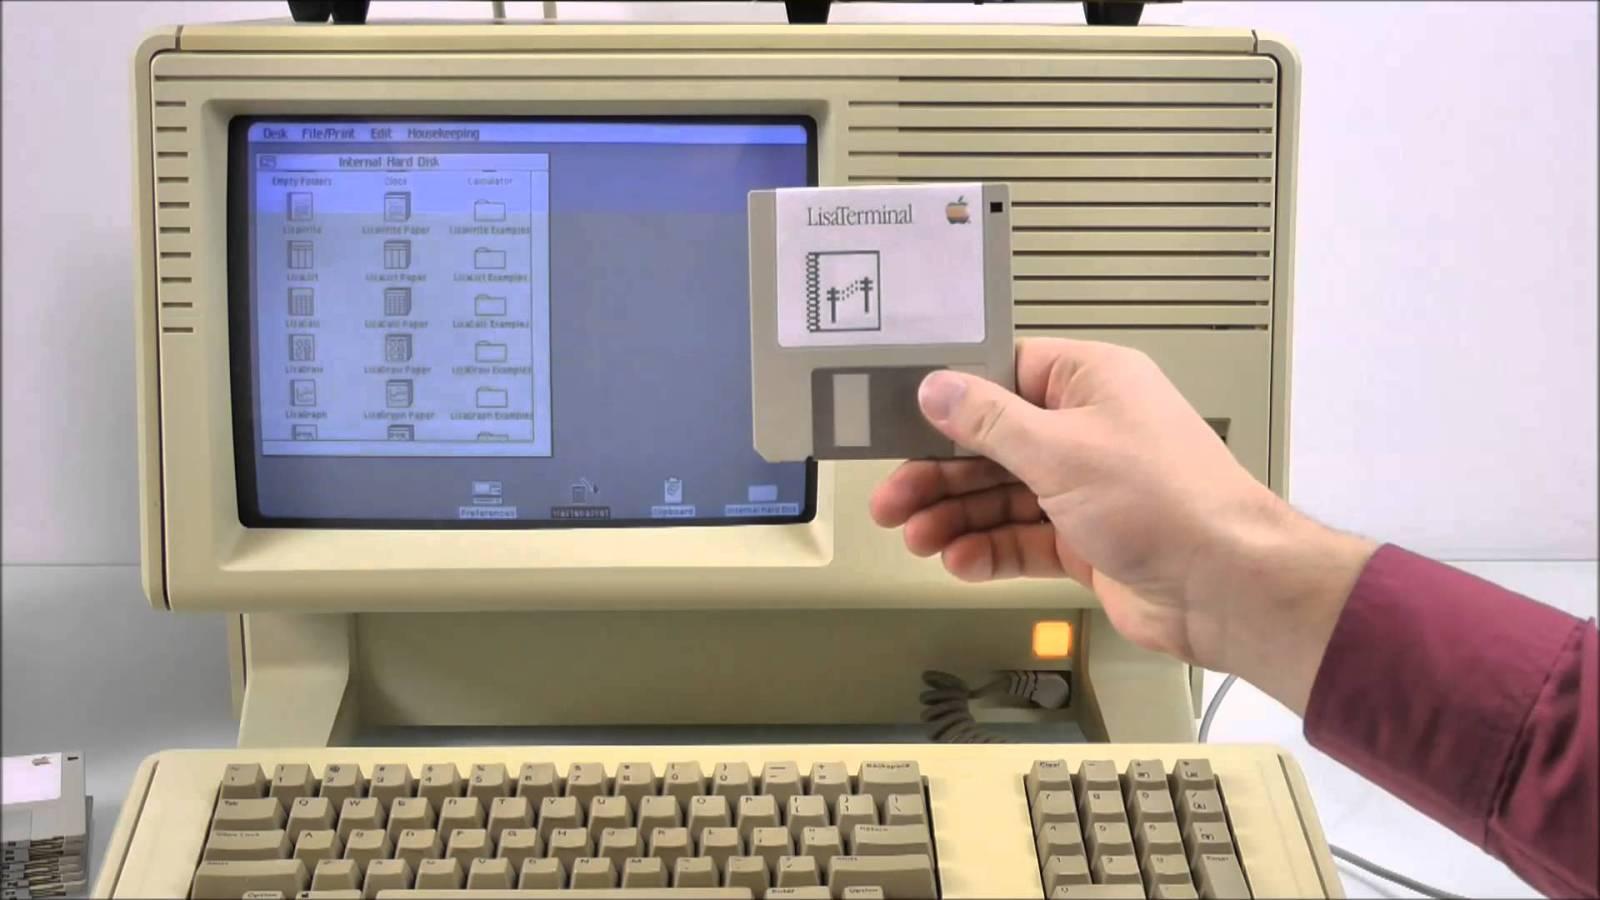 Apple Lisa Terminal